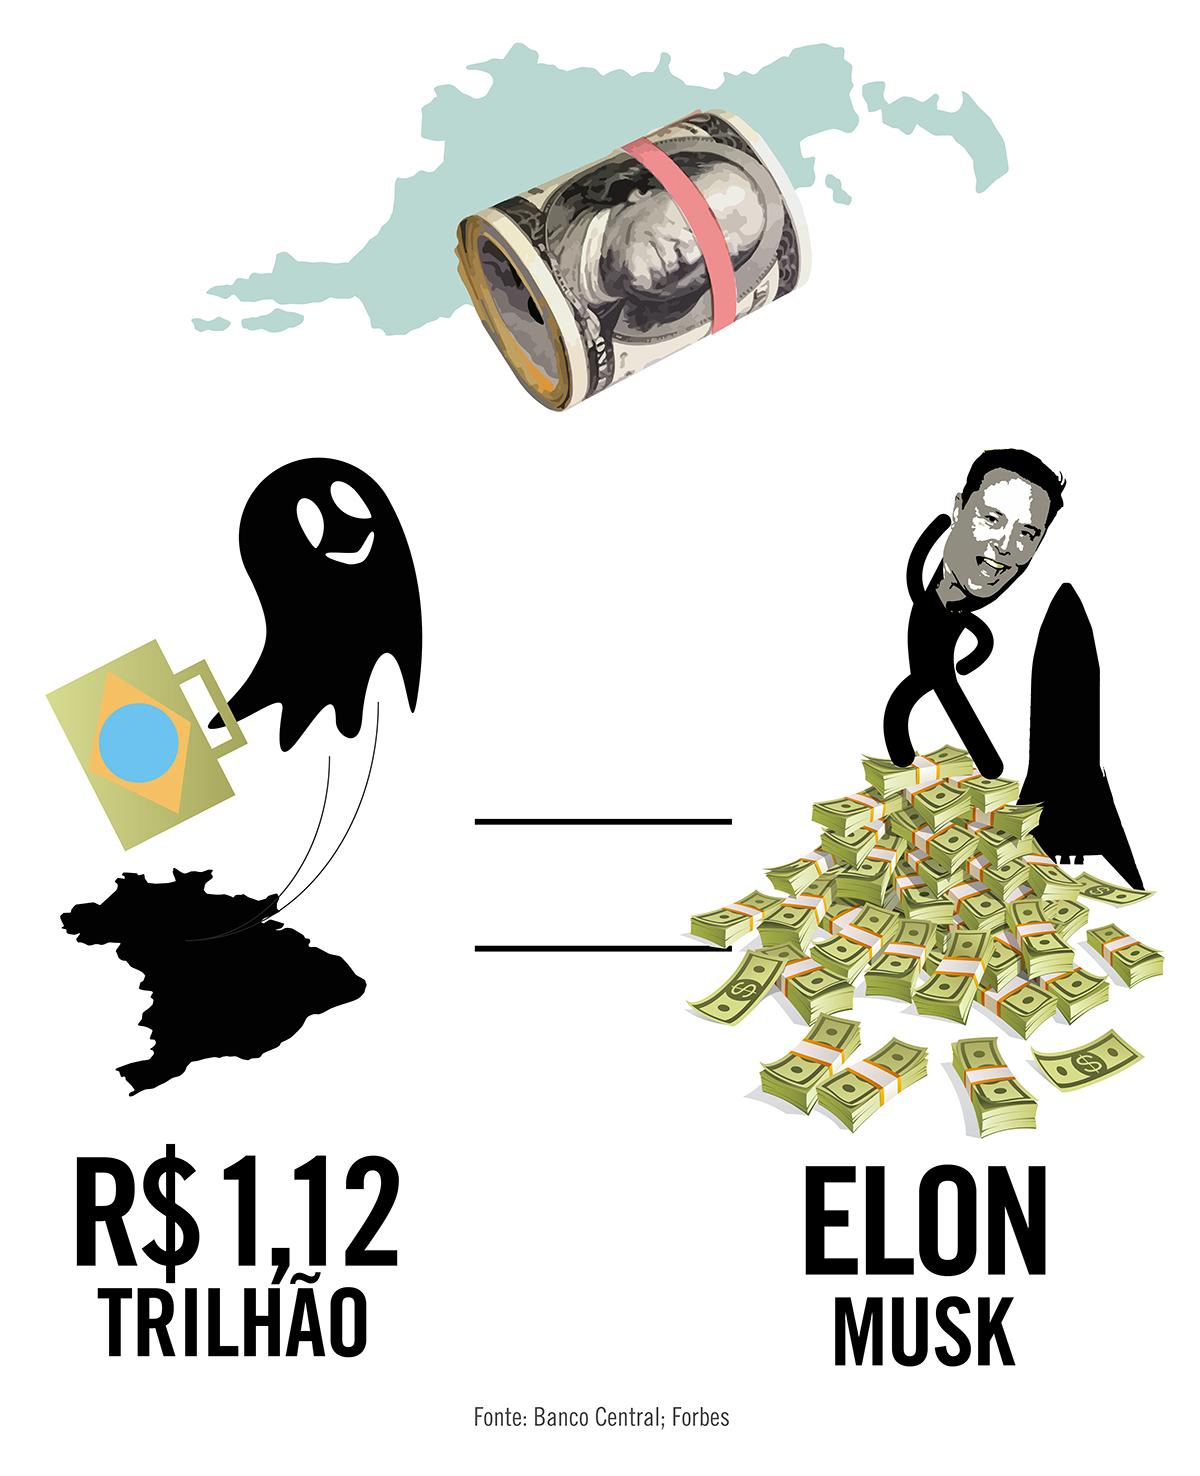 Dinheiro brasileiro no exterior equivale à fortuna de Elon Musk